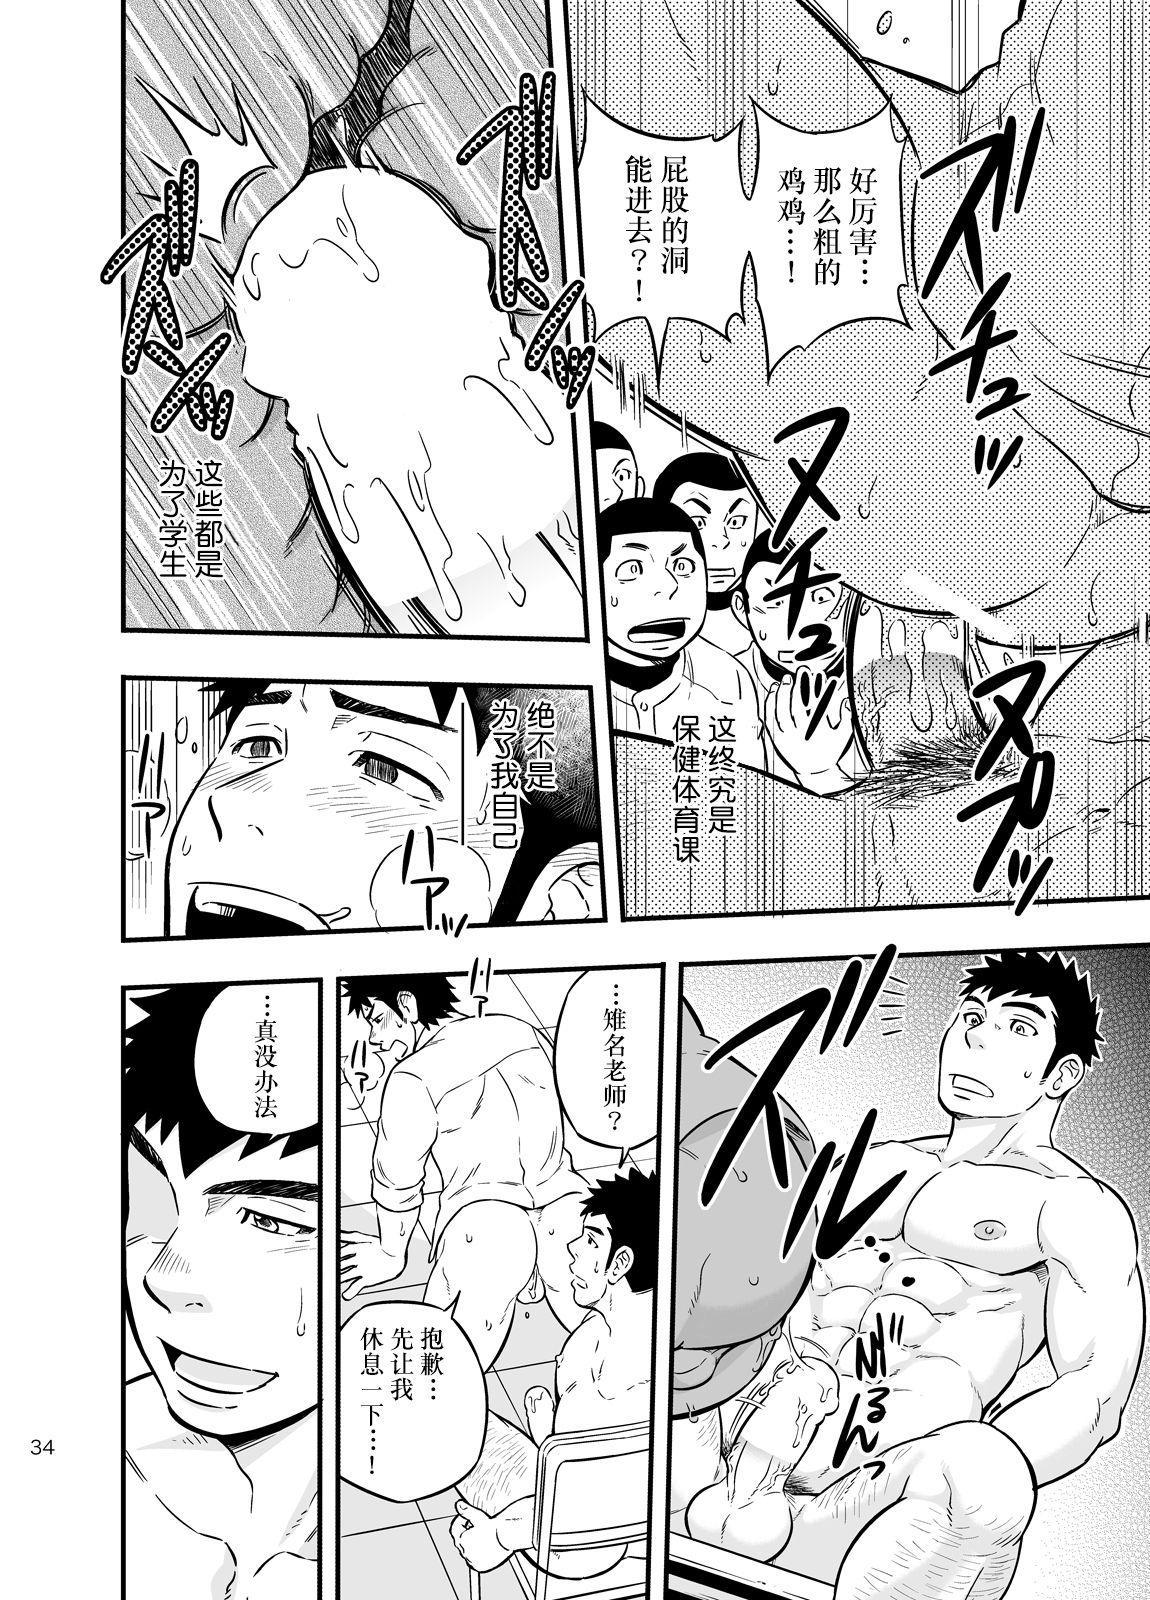 Moshimo Danshikou no Hoken Taiiku ga Jitsugi Ari Dattara 2 | 如果男校的保健体育课有实践环节的话 2 32